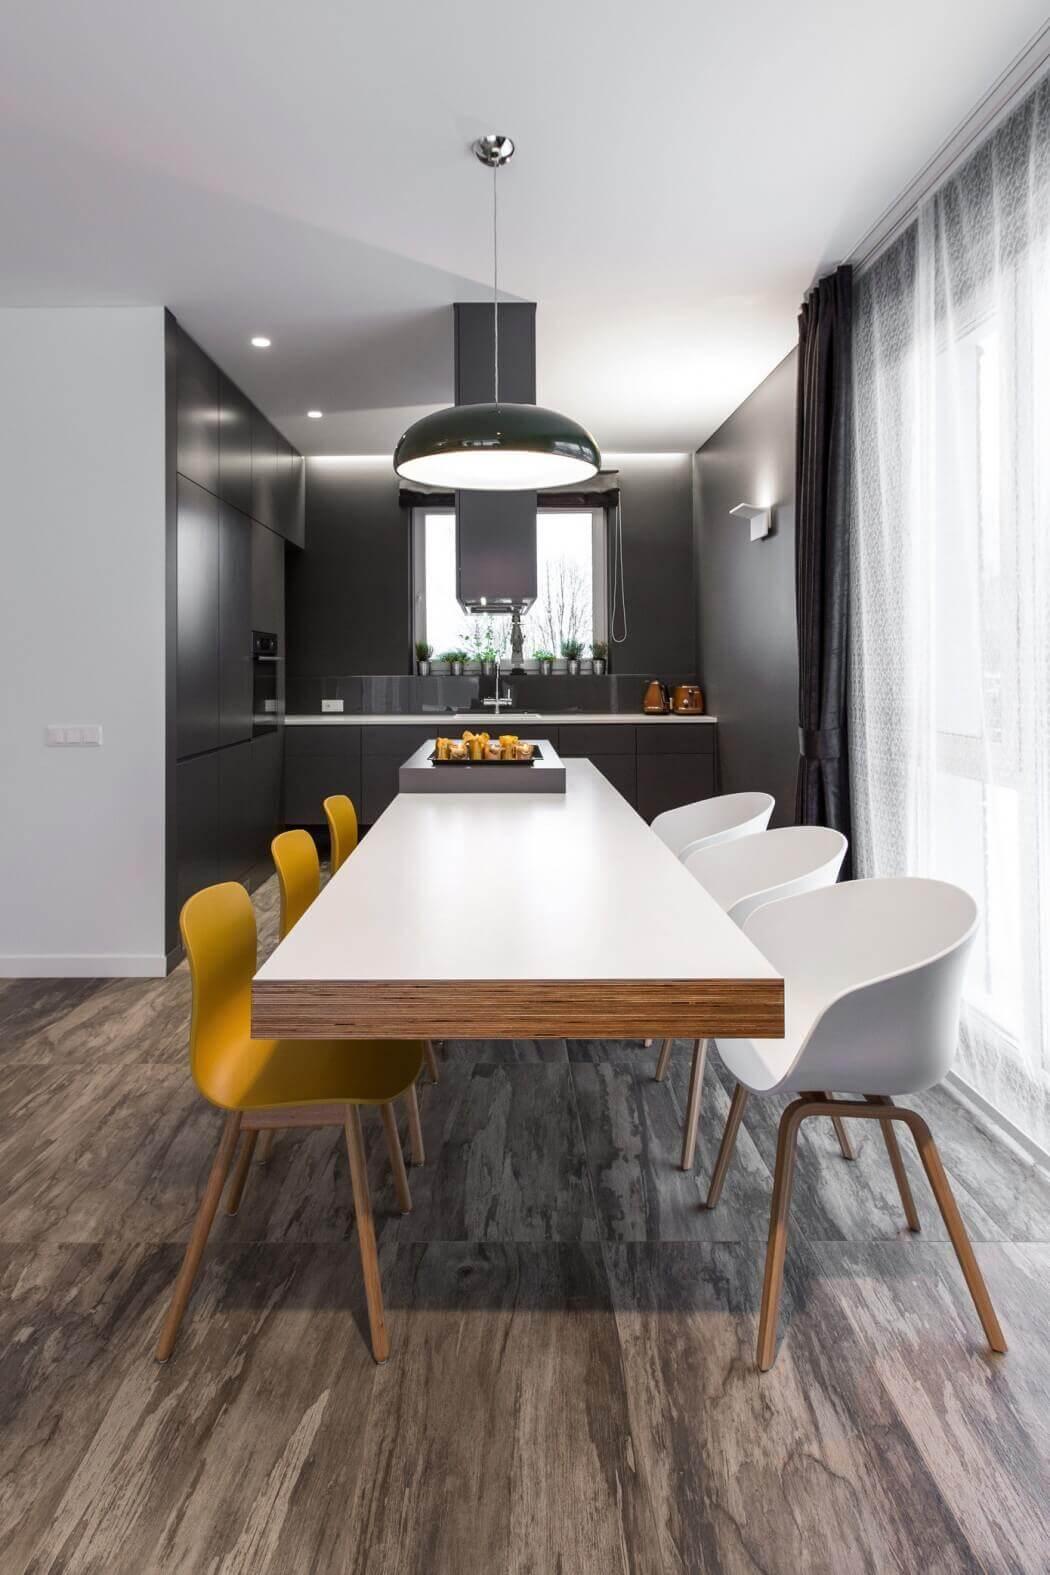 Sala de jantar com cozinha pequena